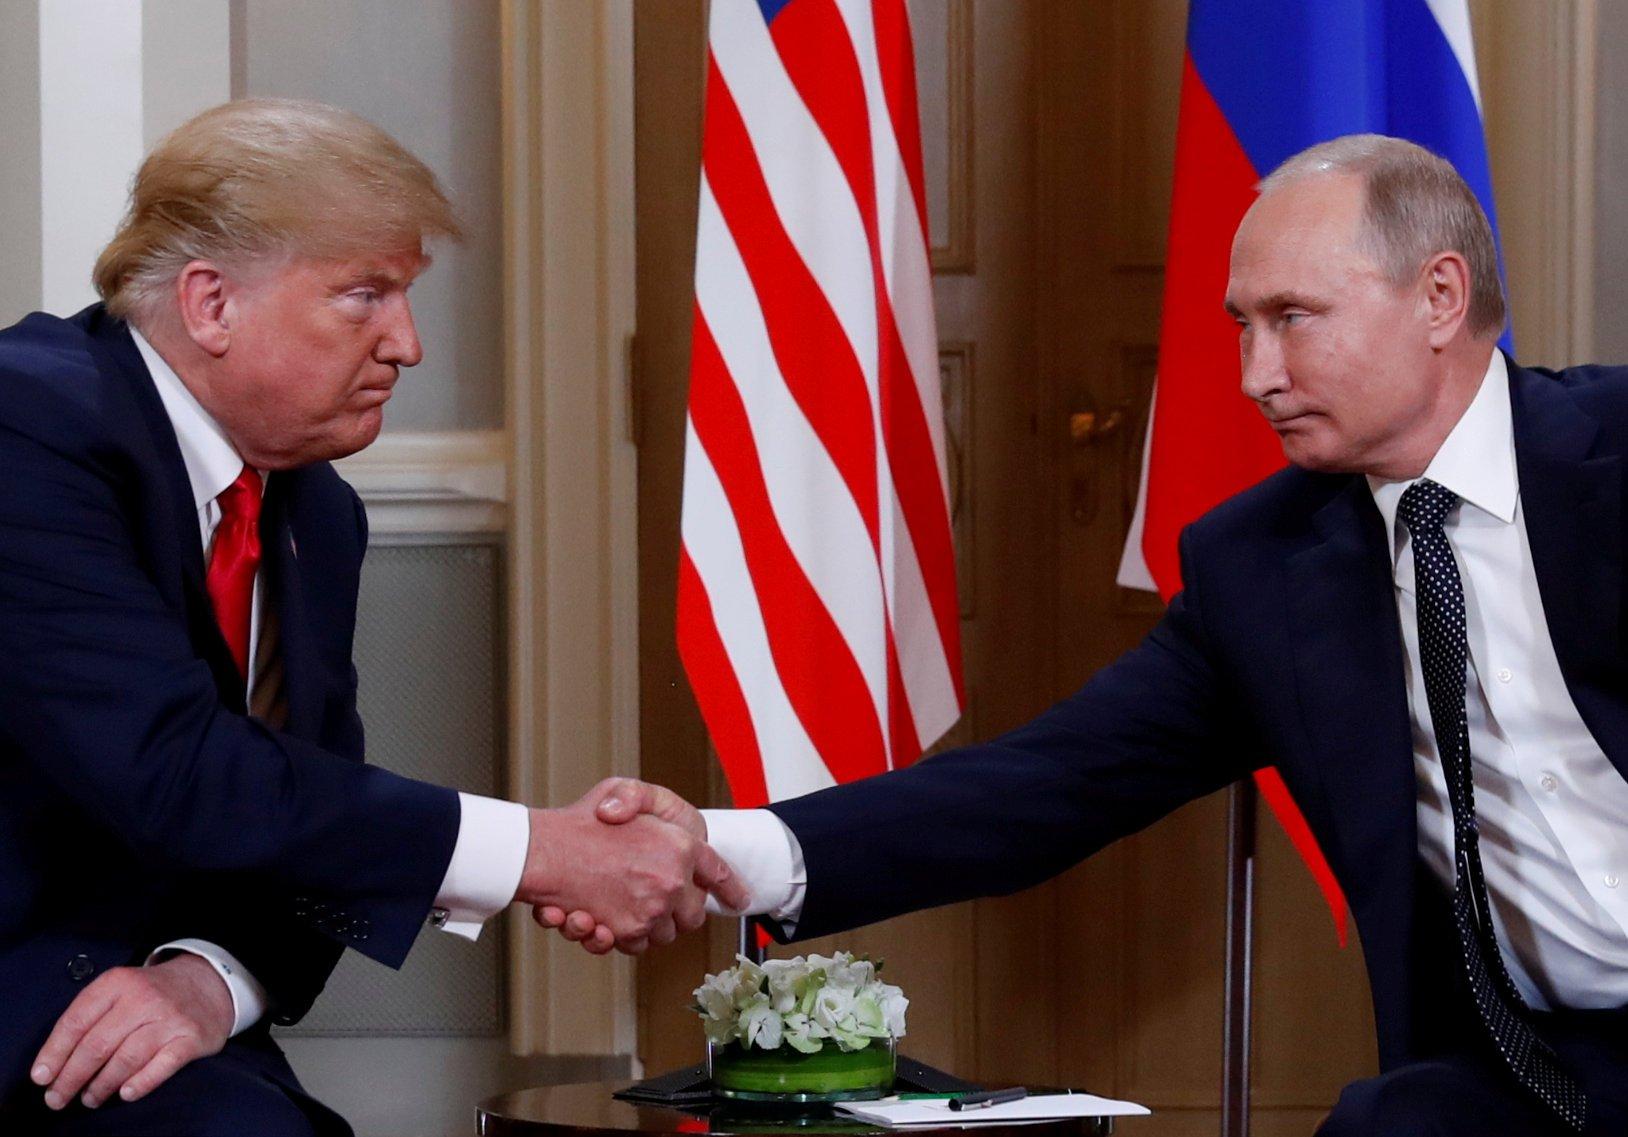 Трамп подмигнул Путину на встрече в Хельсинки.